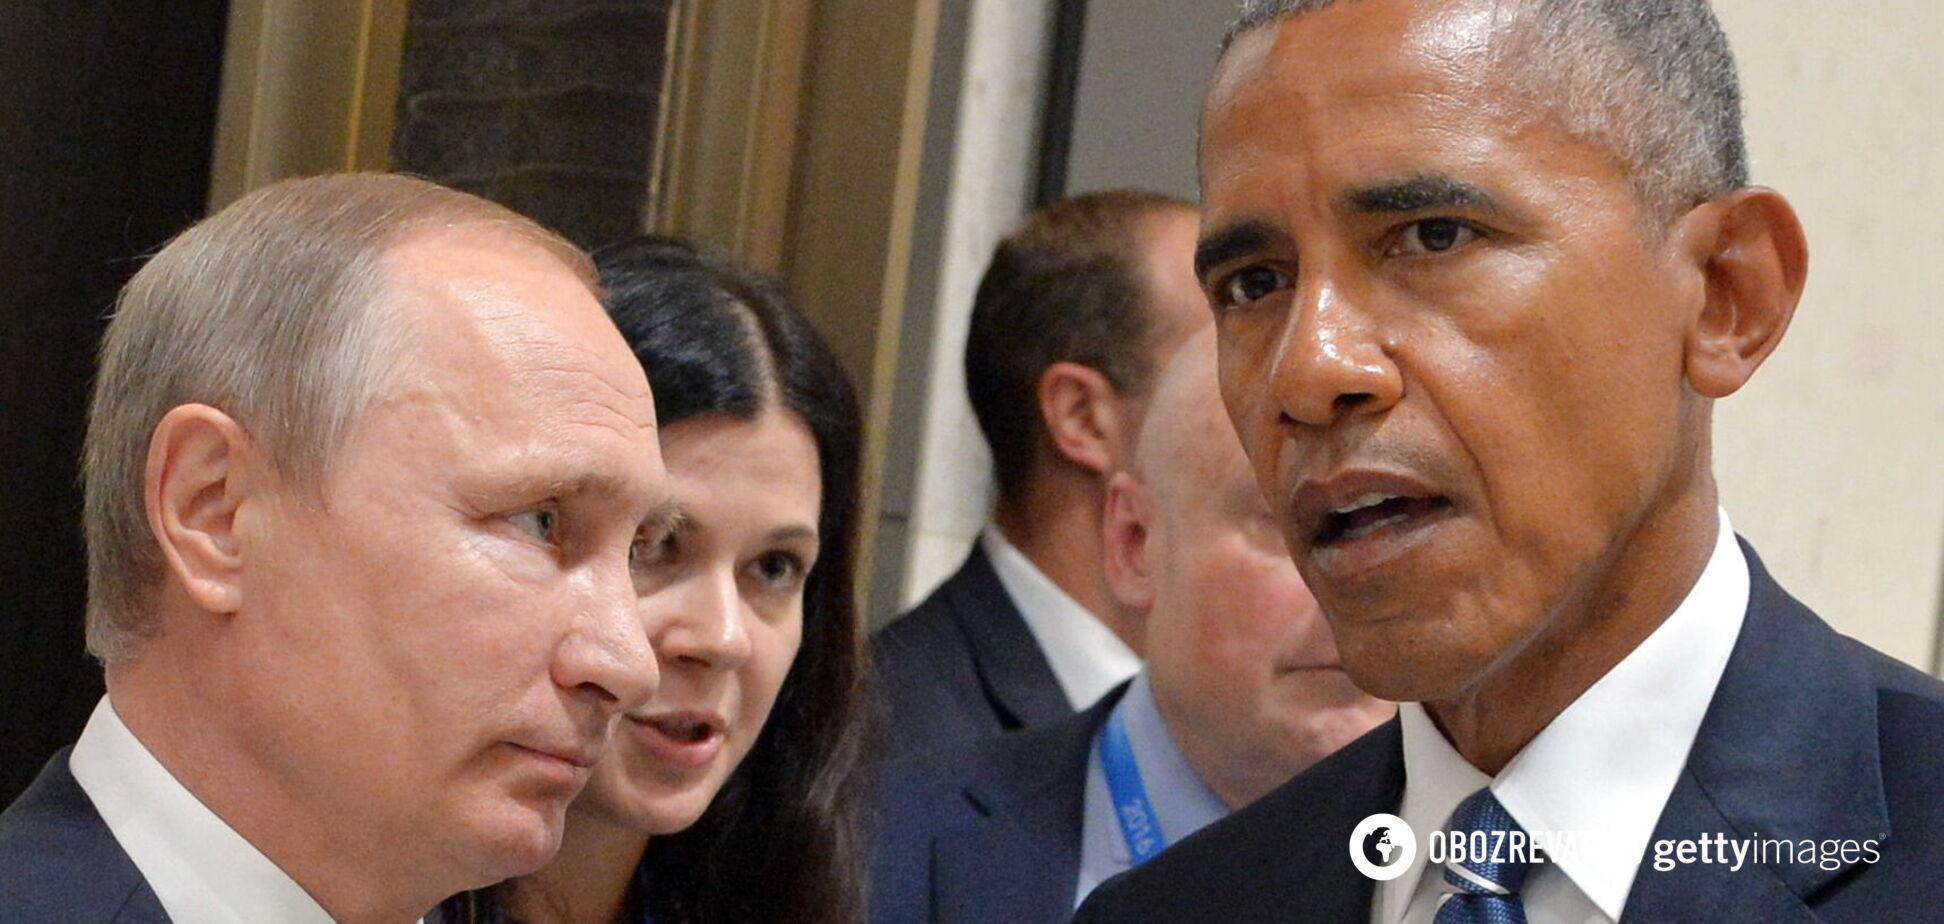 Обама назвав Путіна 'жорстким вуличним босом', а Медведєва – 'стилягою в костюмі'